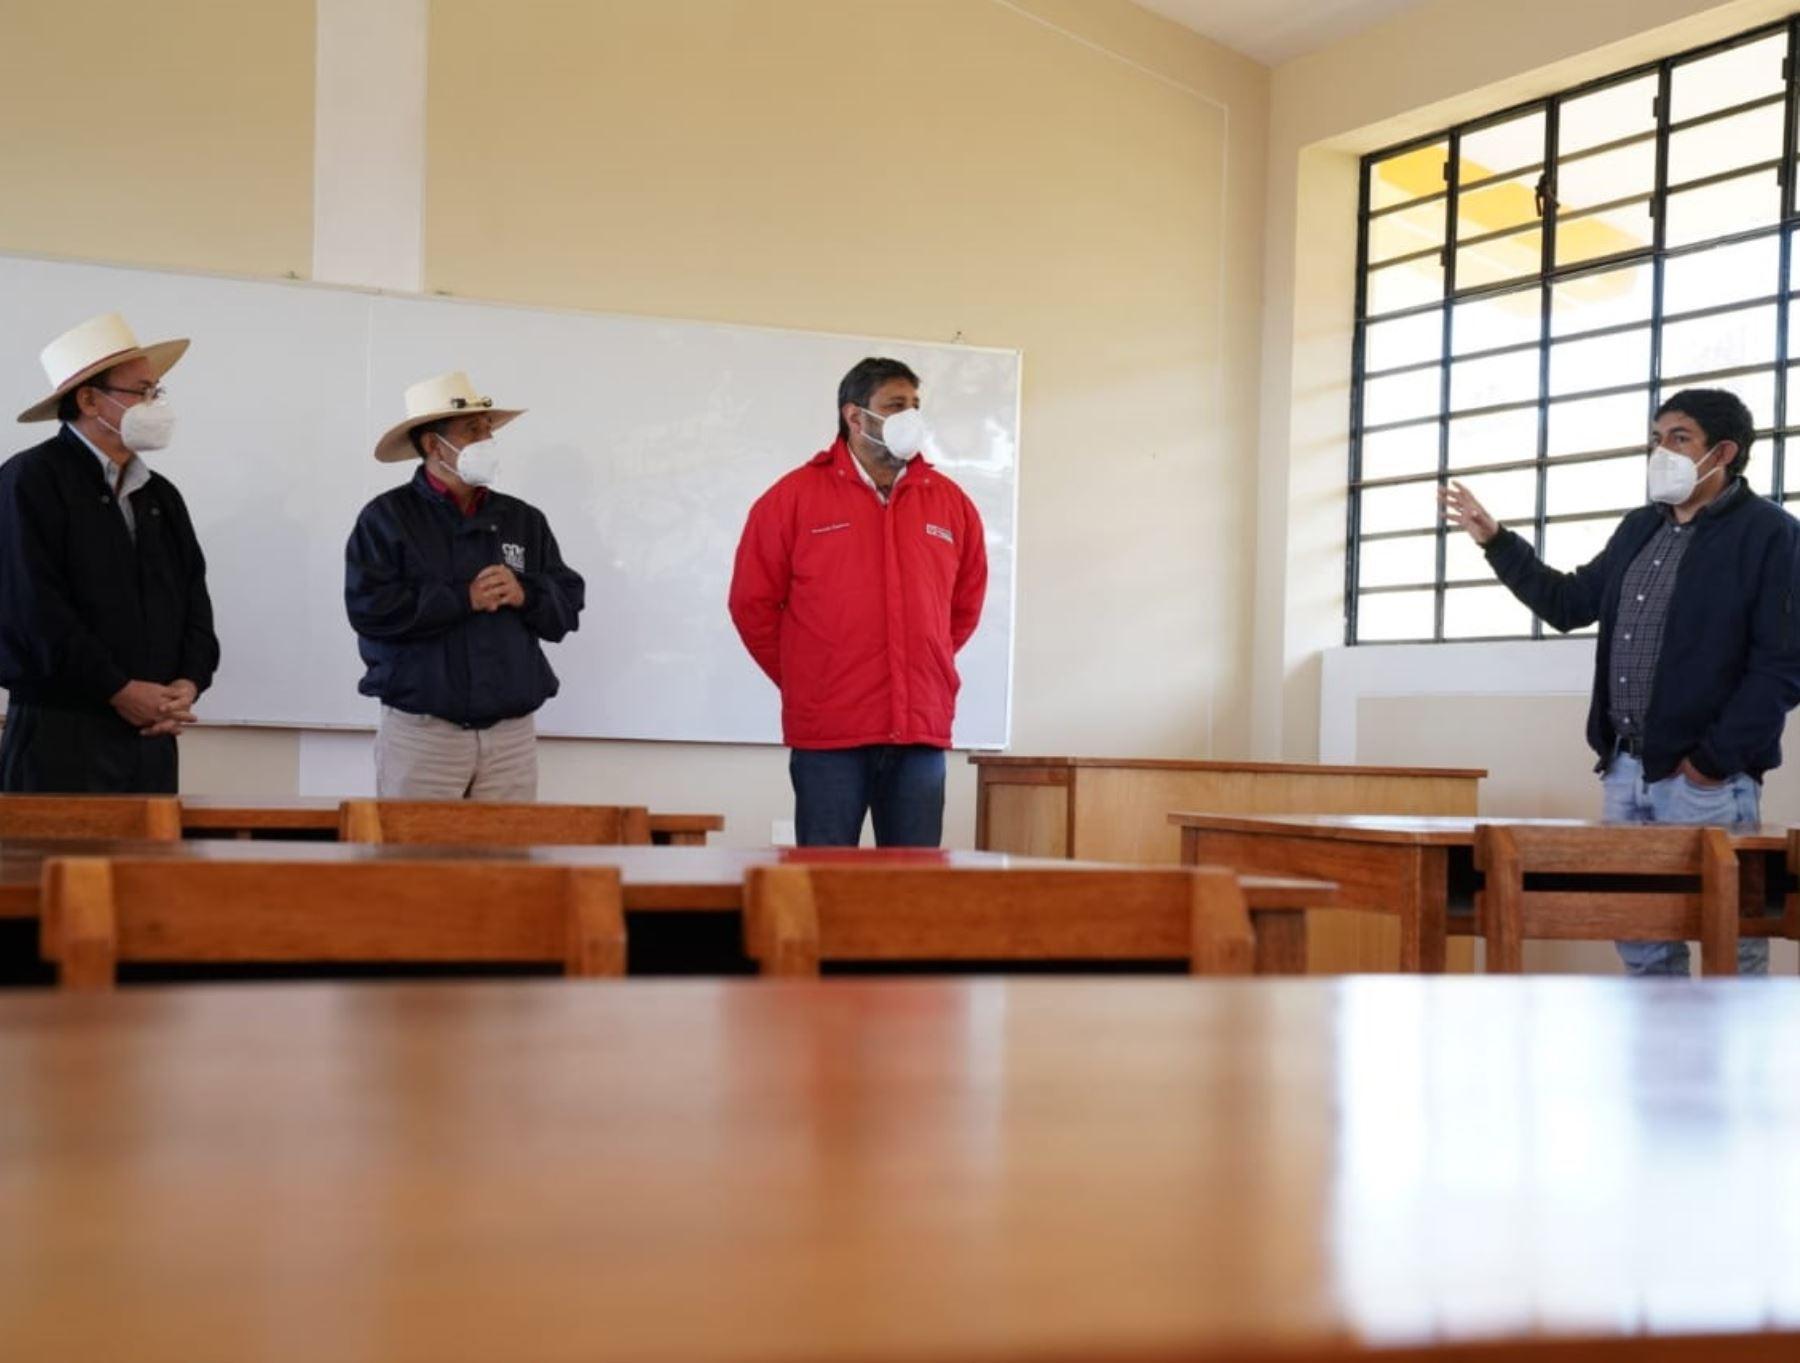 Ministro de Educación, Ricardo Cuenca, afirmó que es imperioso el retorno gradual a clases escolares presenciales para cerrar las brechas de desigualdad.